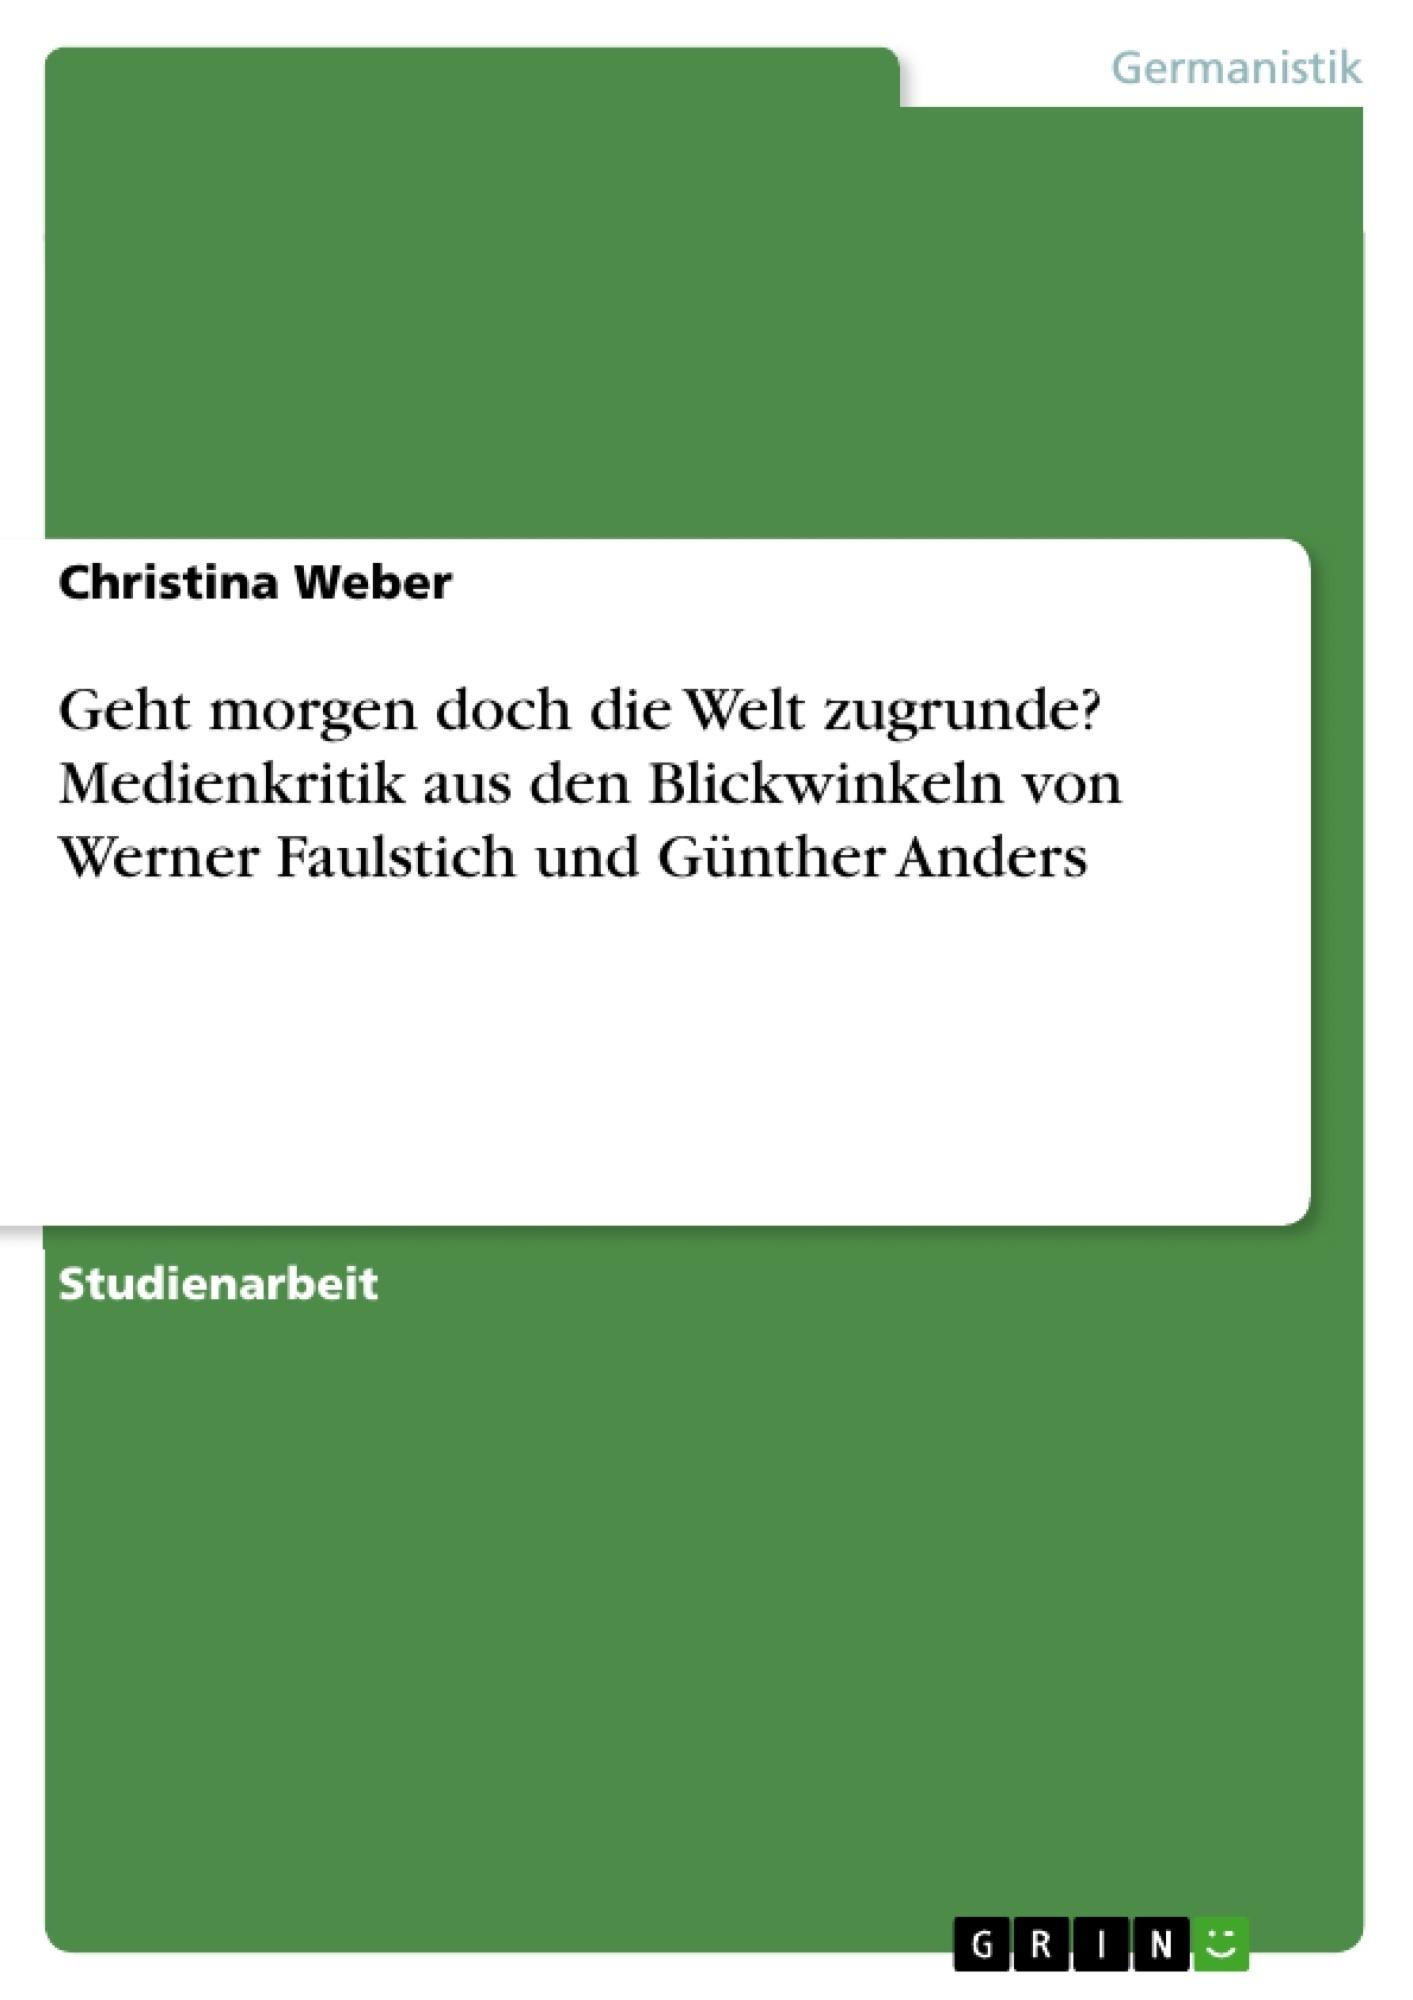 Titel: Geht morgen doch die Welt zugrunde? Medienkritik aus den Blickwinkeln von Werner Faulstich und Günther Anders